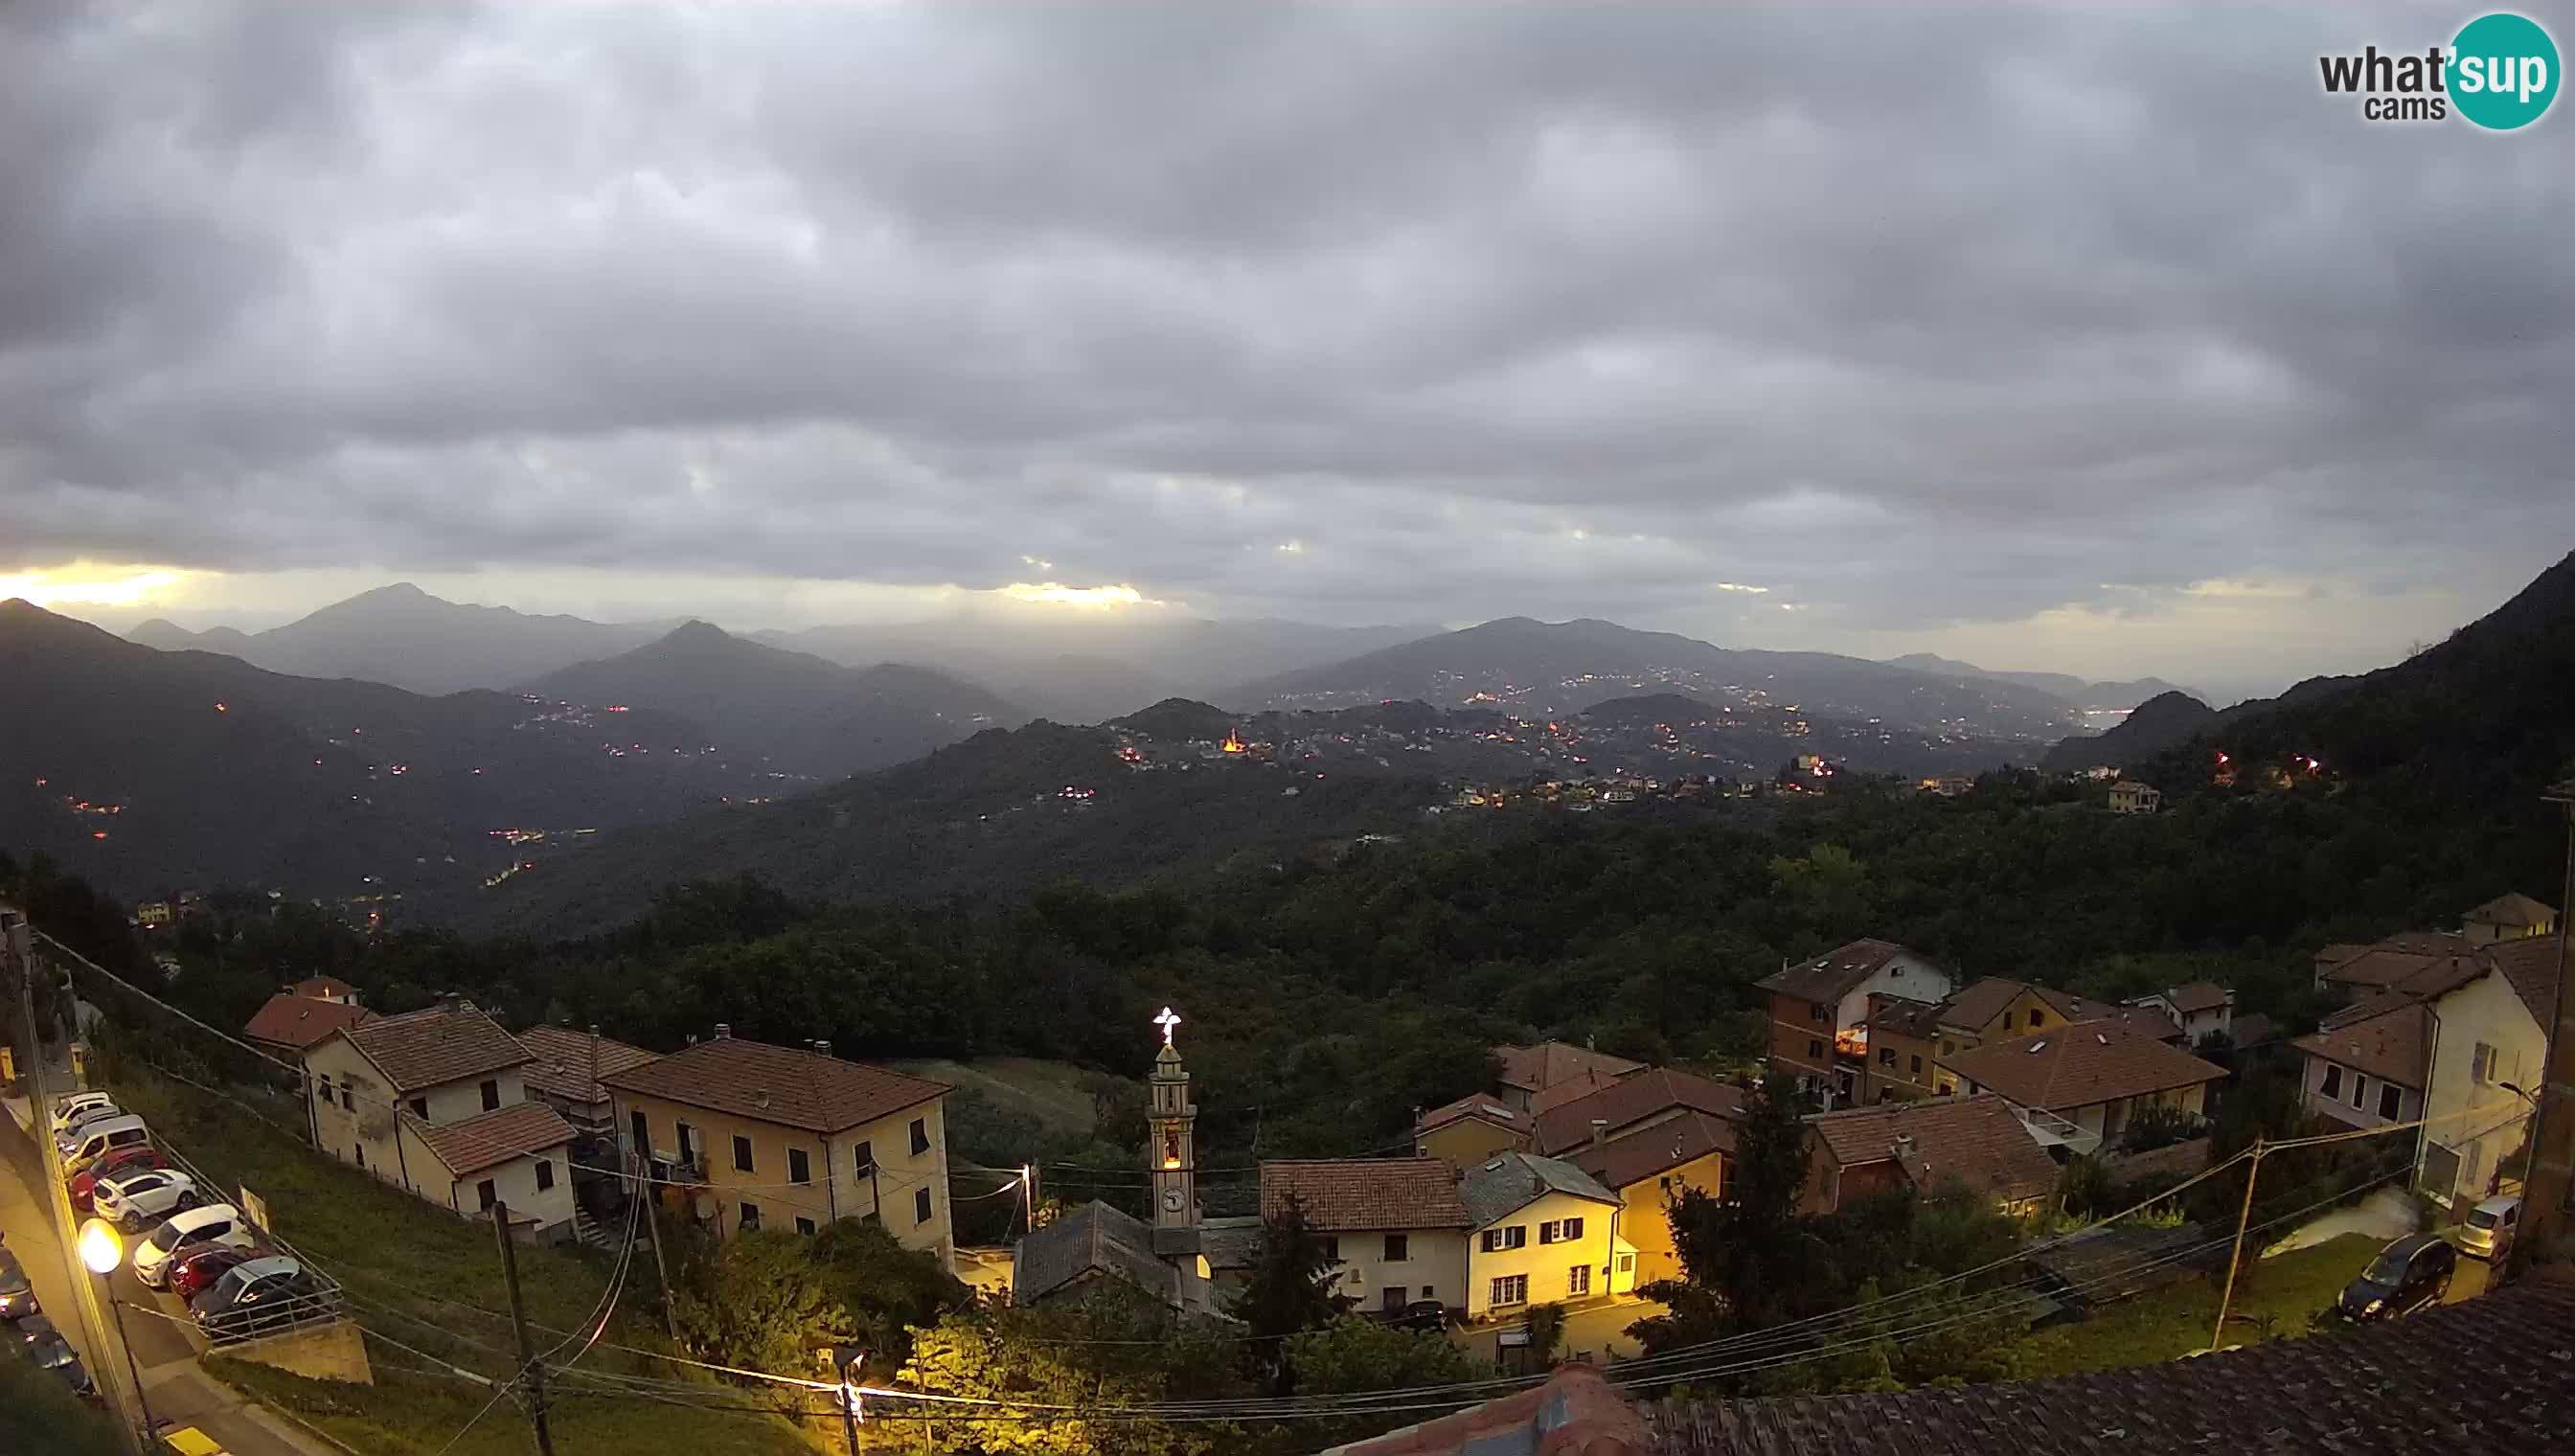 Chiavari Spletna kamera Villa Oneto